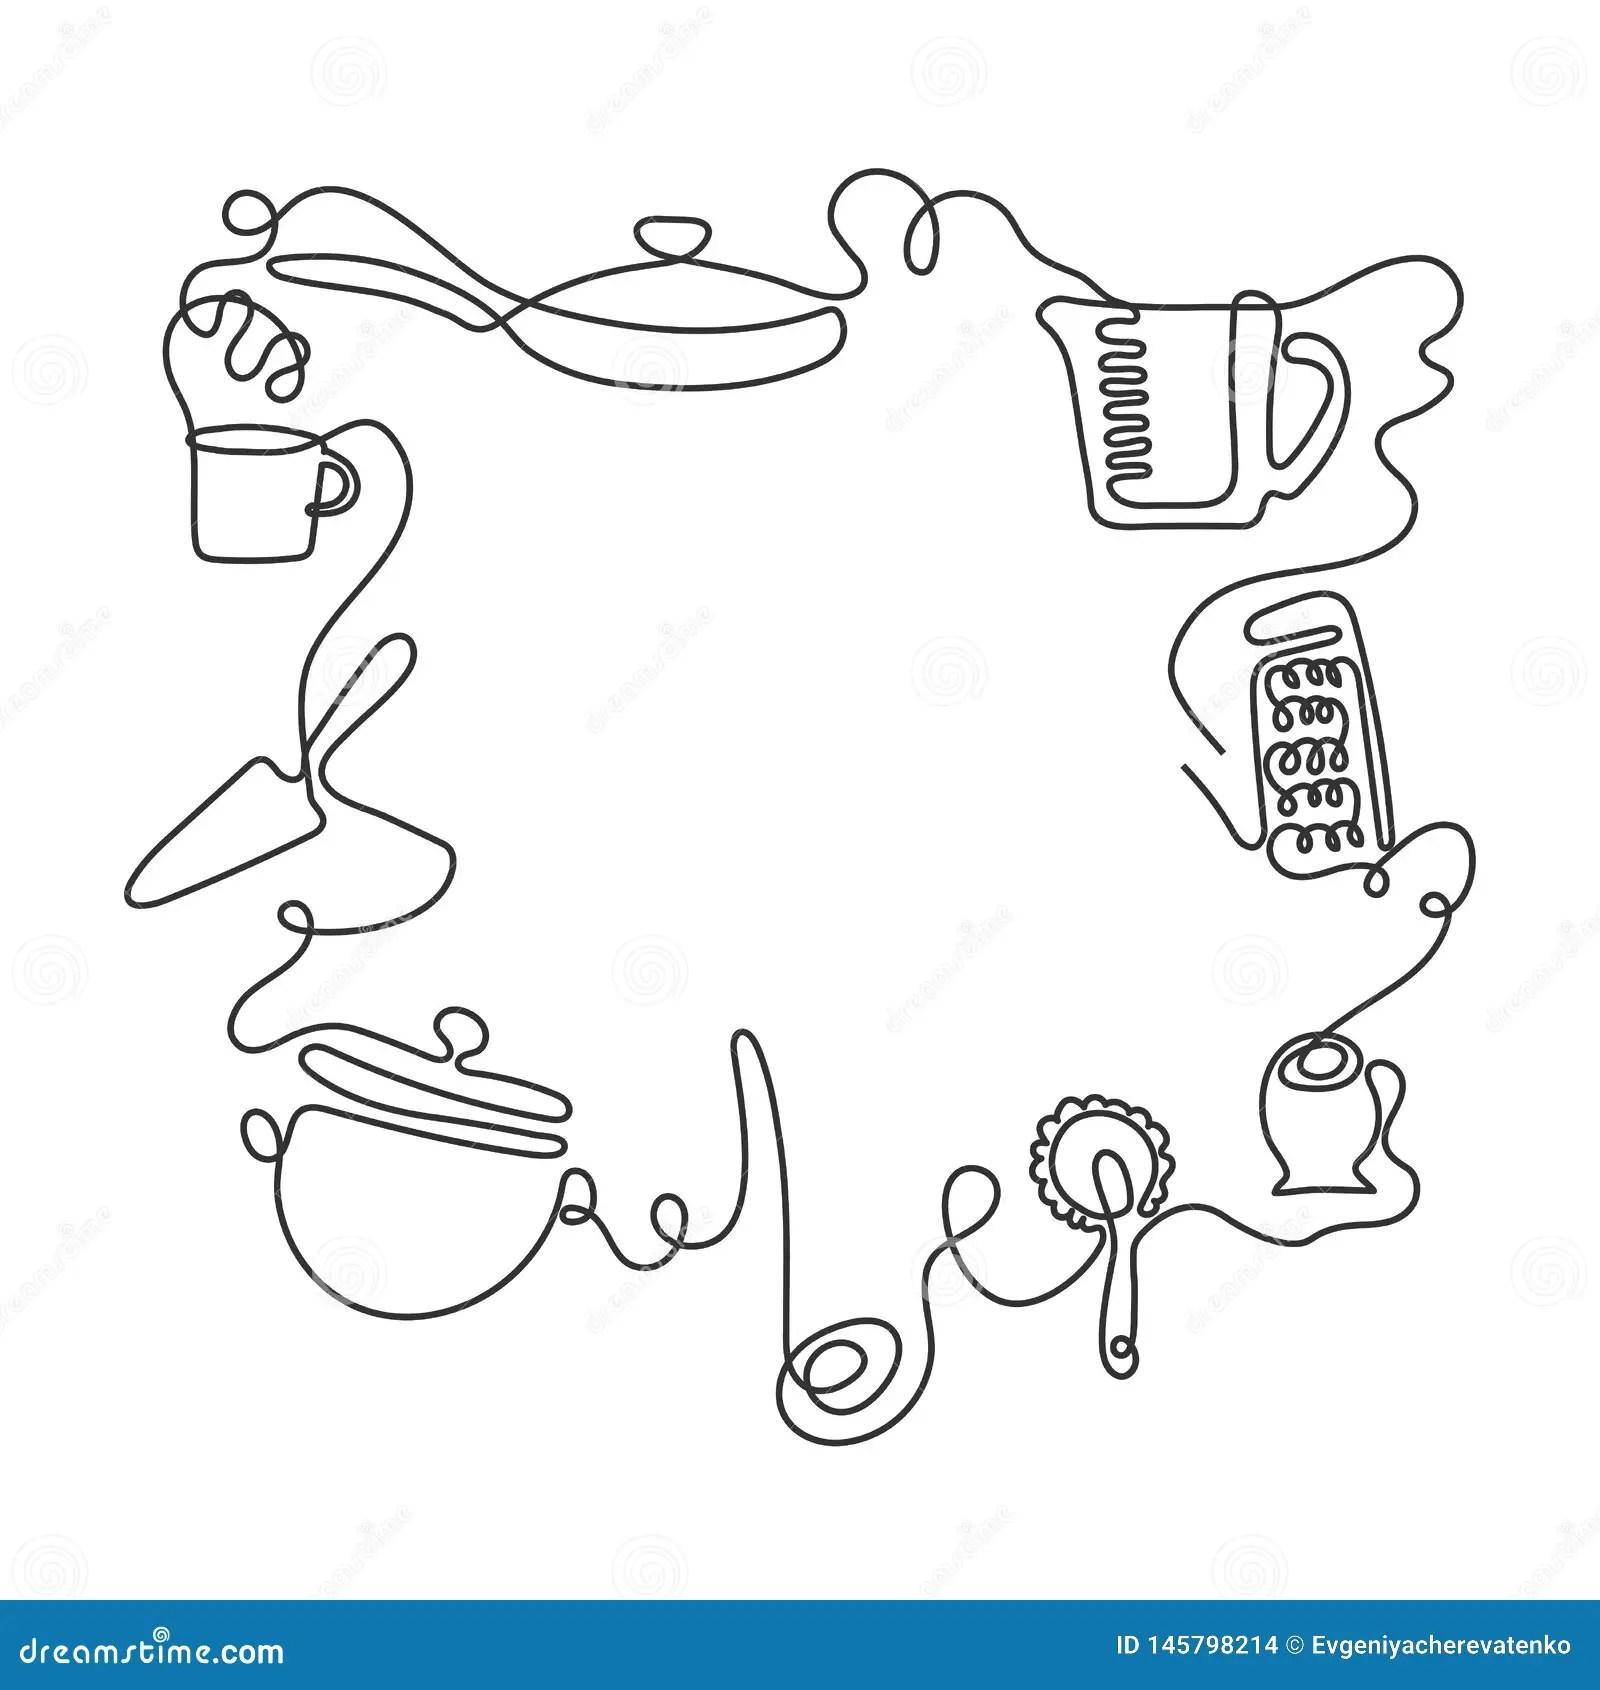 https fr dreamstime com fond couverts sch ma dessin trait diff rents ustensiles cuisine vecteur illustration image145798214